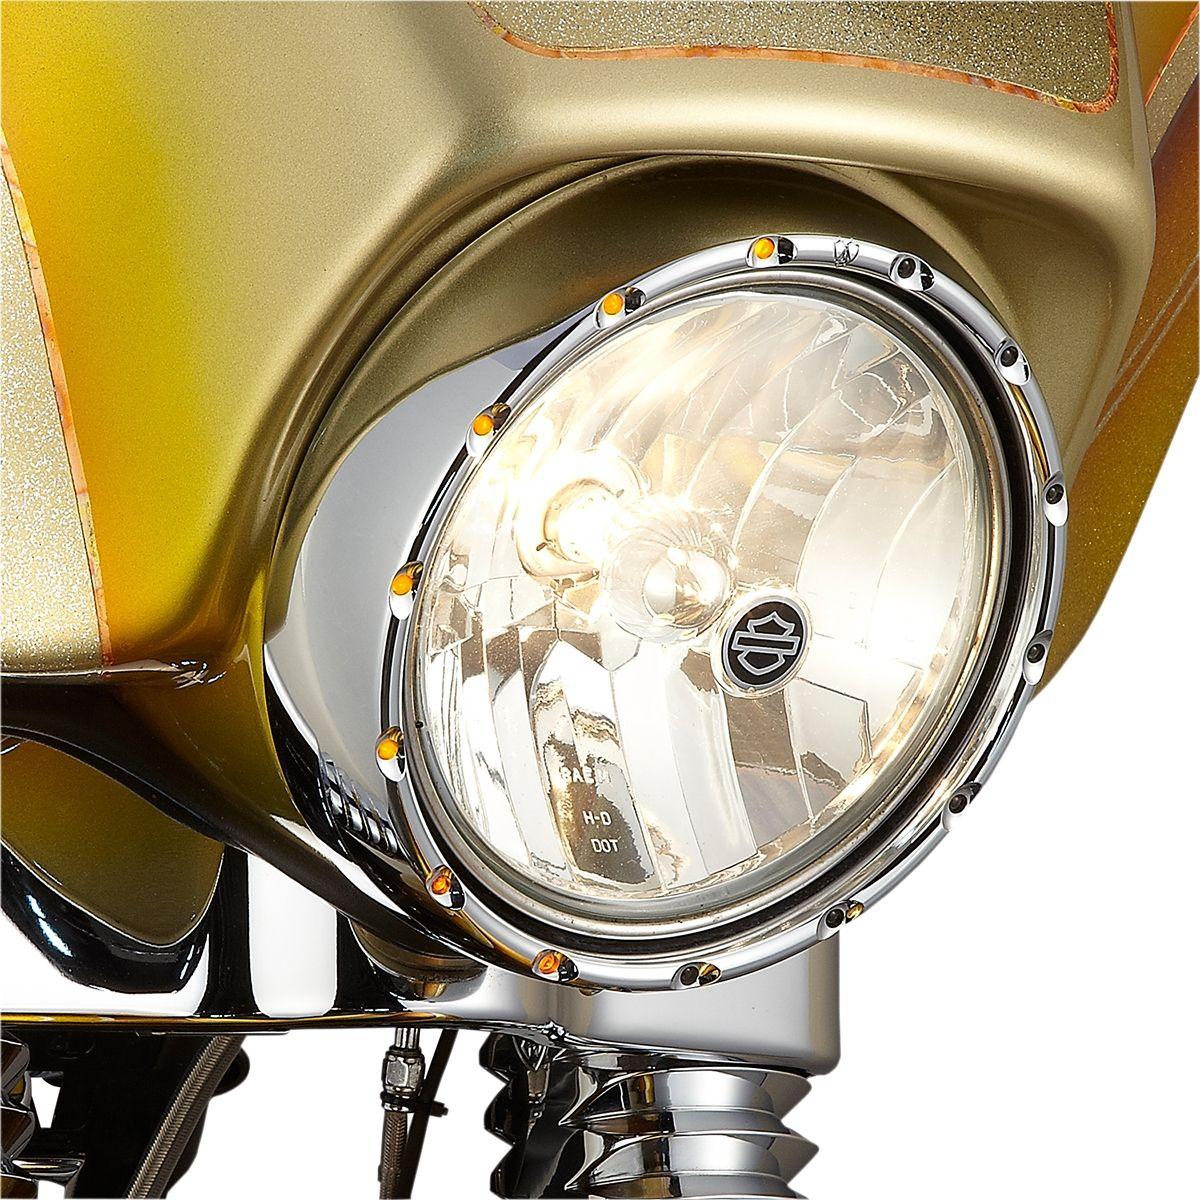 【ARLEN NESS】頭燈飾環 H/L CHR [2001-0578] - 「Webike-摩托百貨」